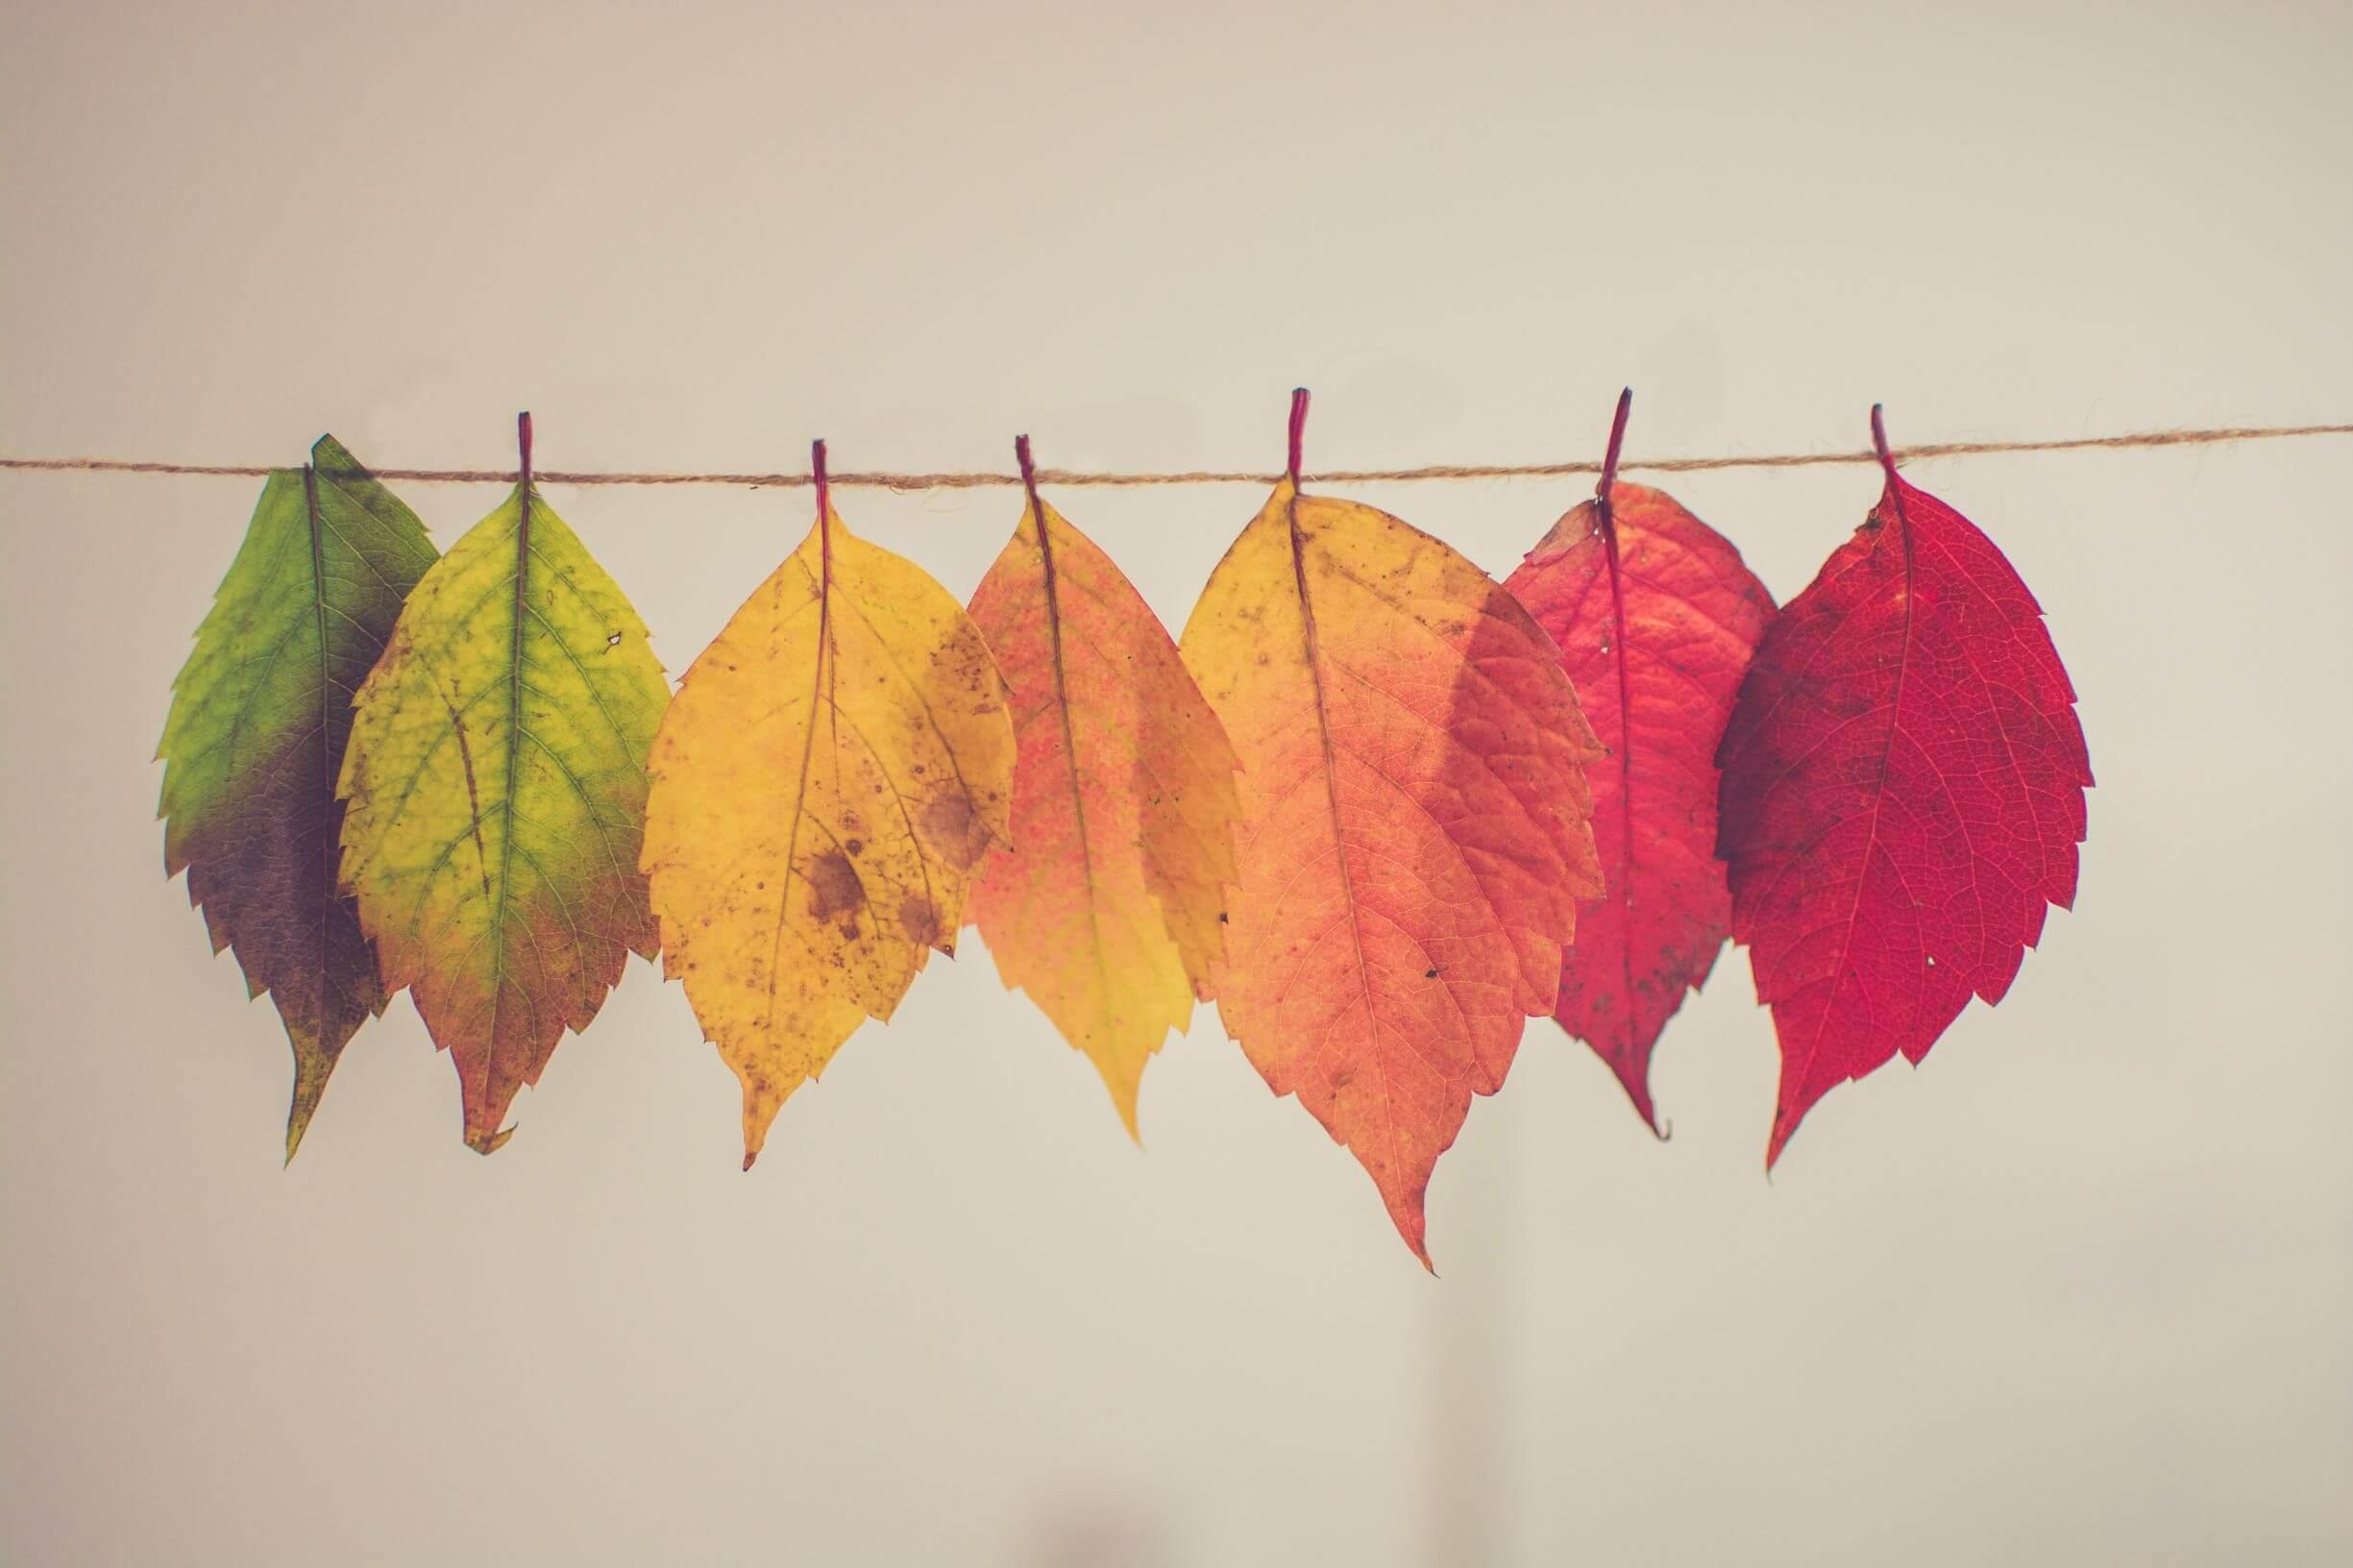 Transformation durch Farbwechsel der Blätter